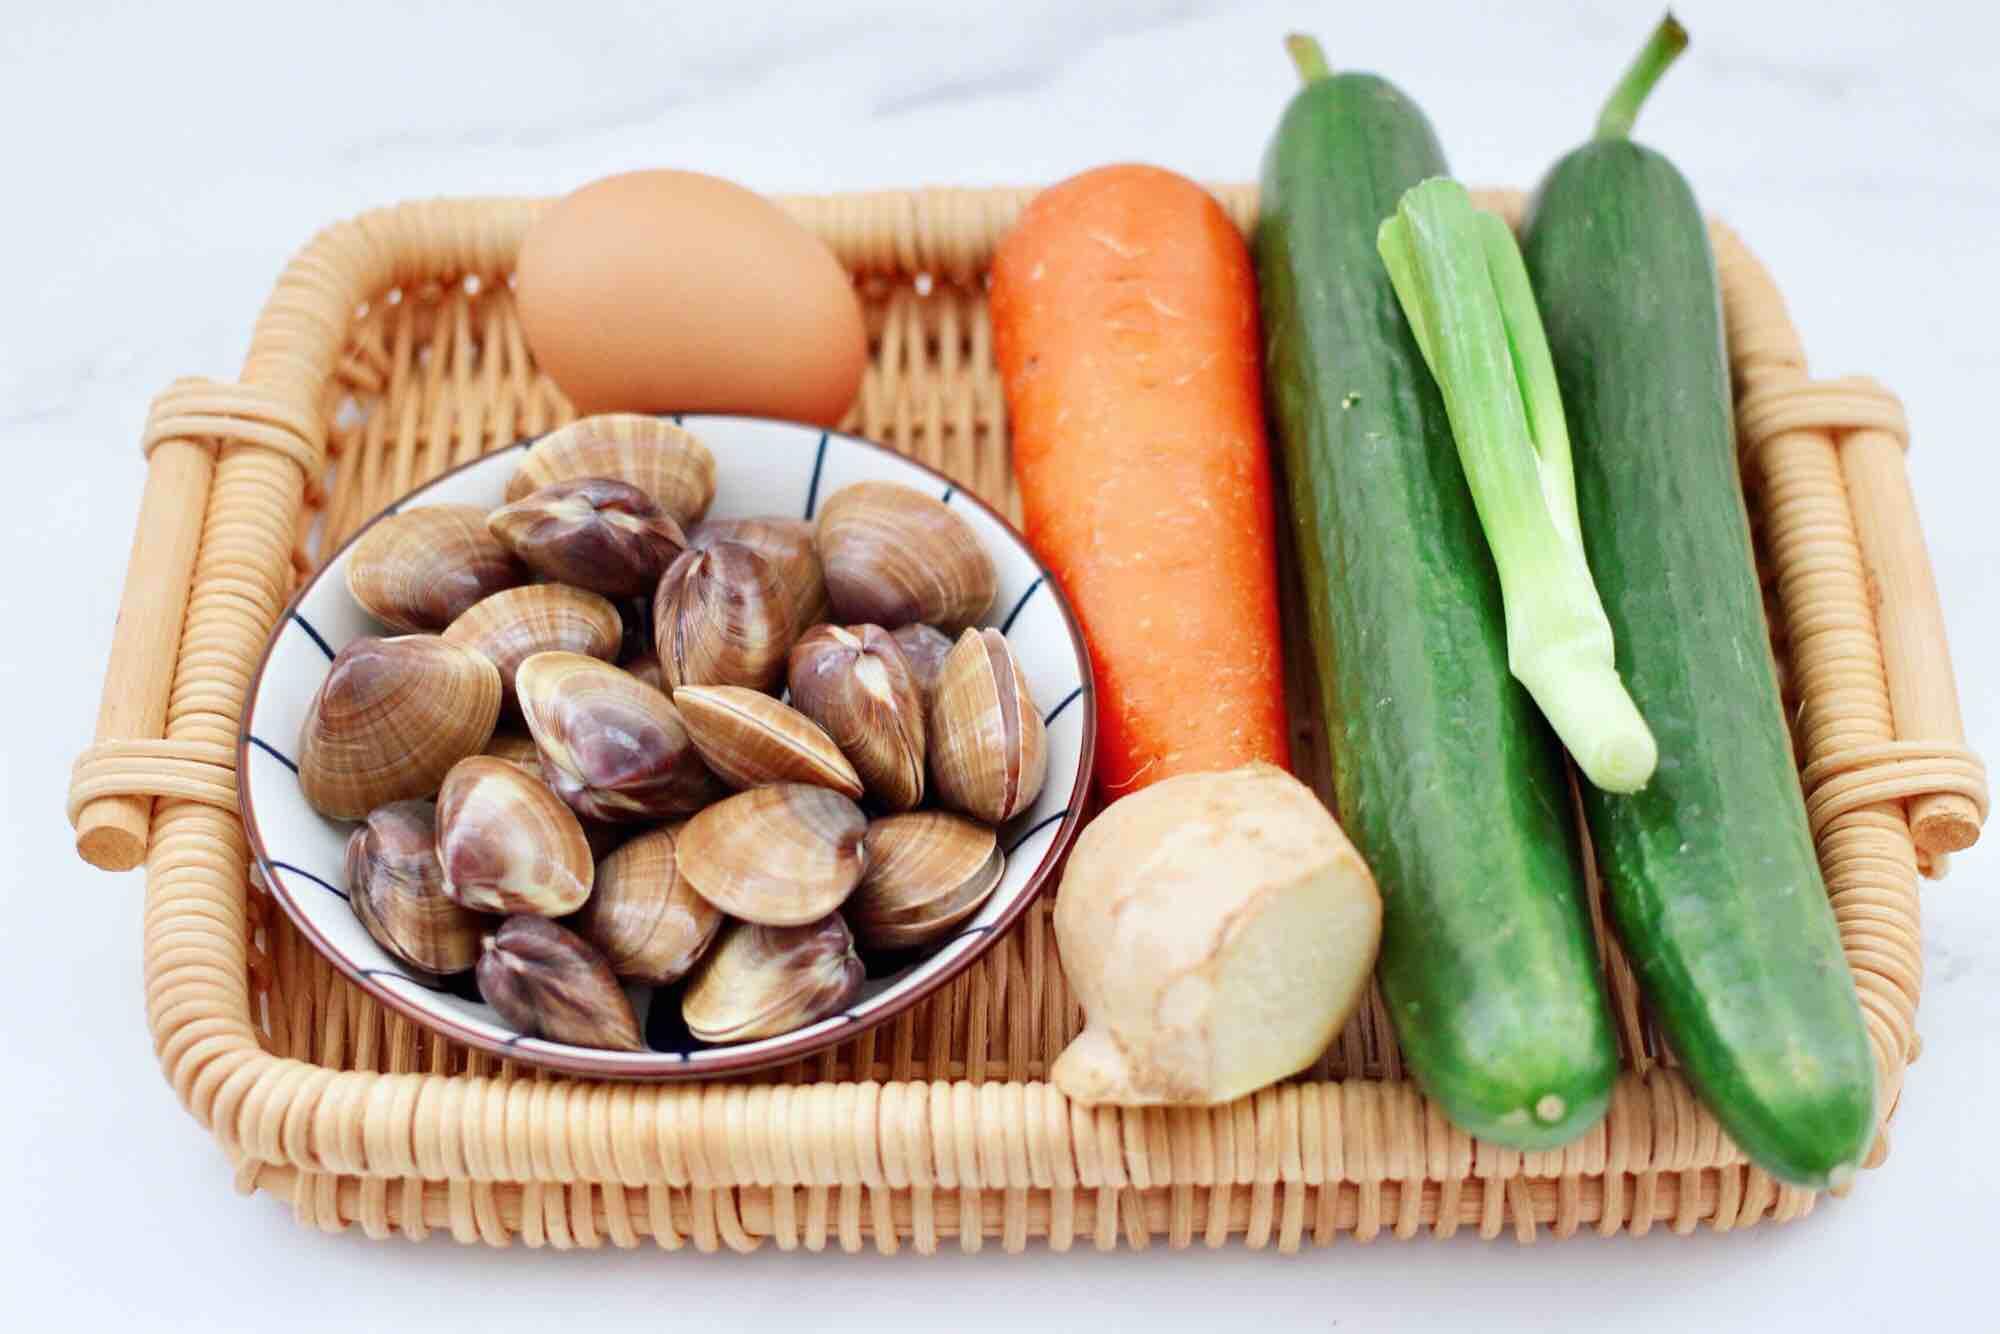 黄瓜飞蛤鸡蛋打卤面的做法大全